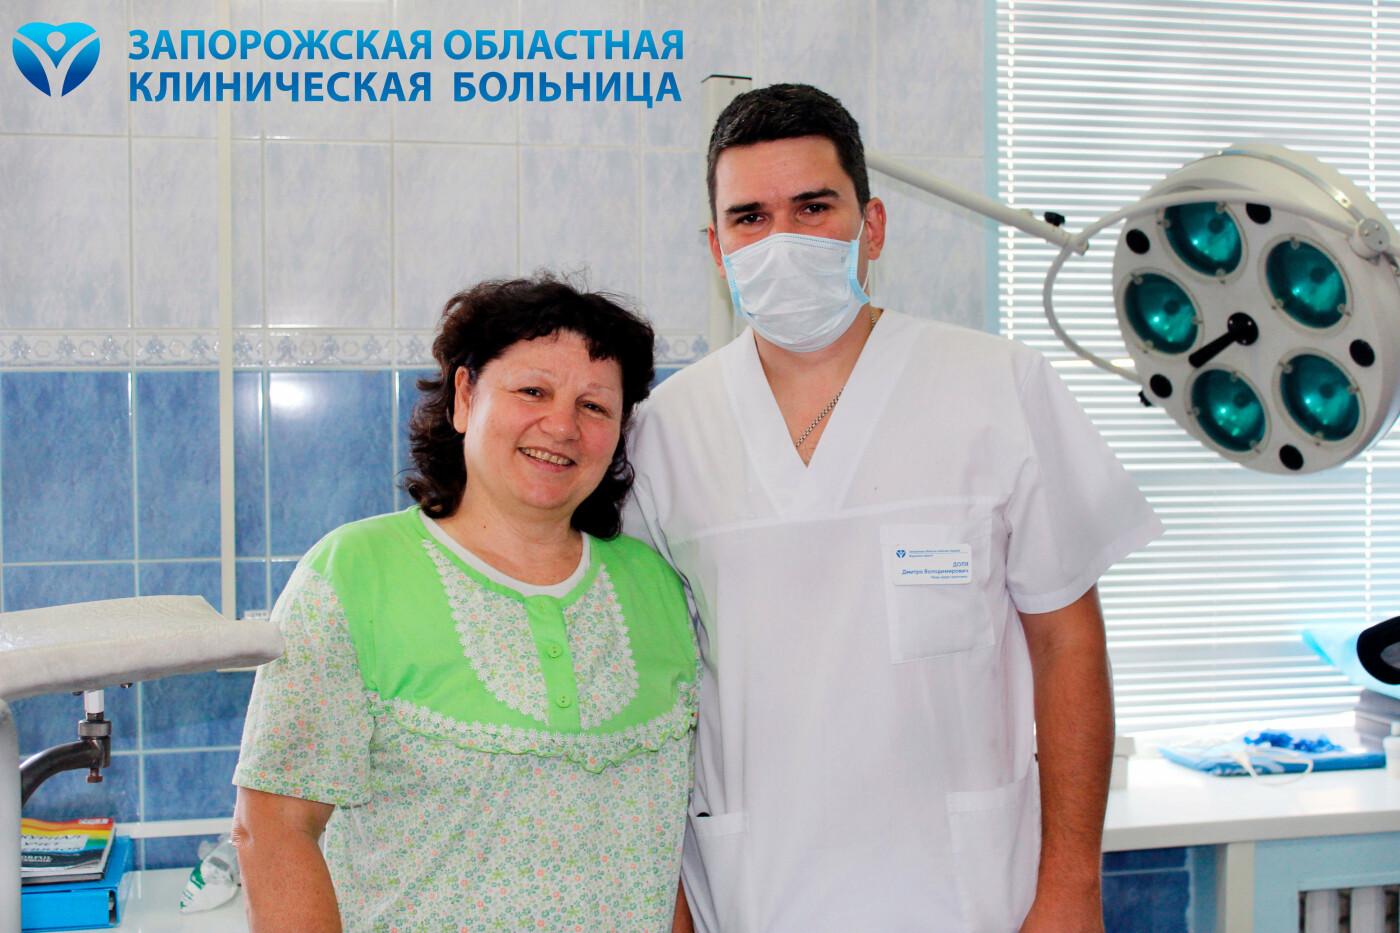 Врачи областной больницы решают даже самые деликатные проблемы, фото-1